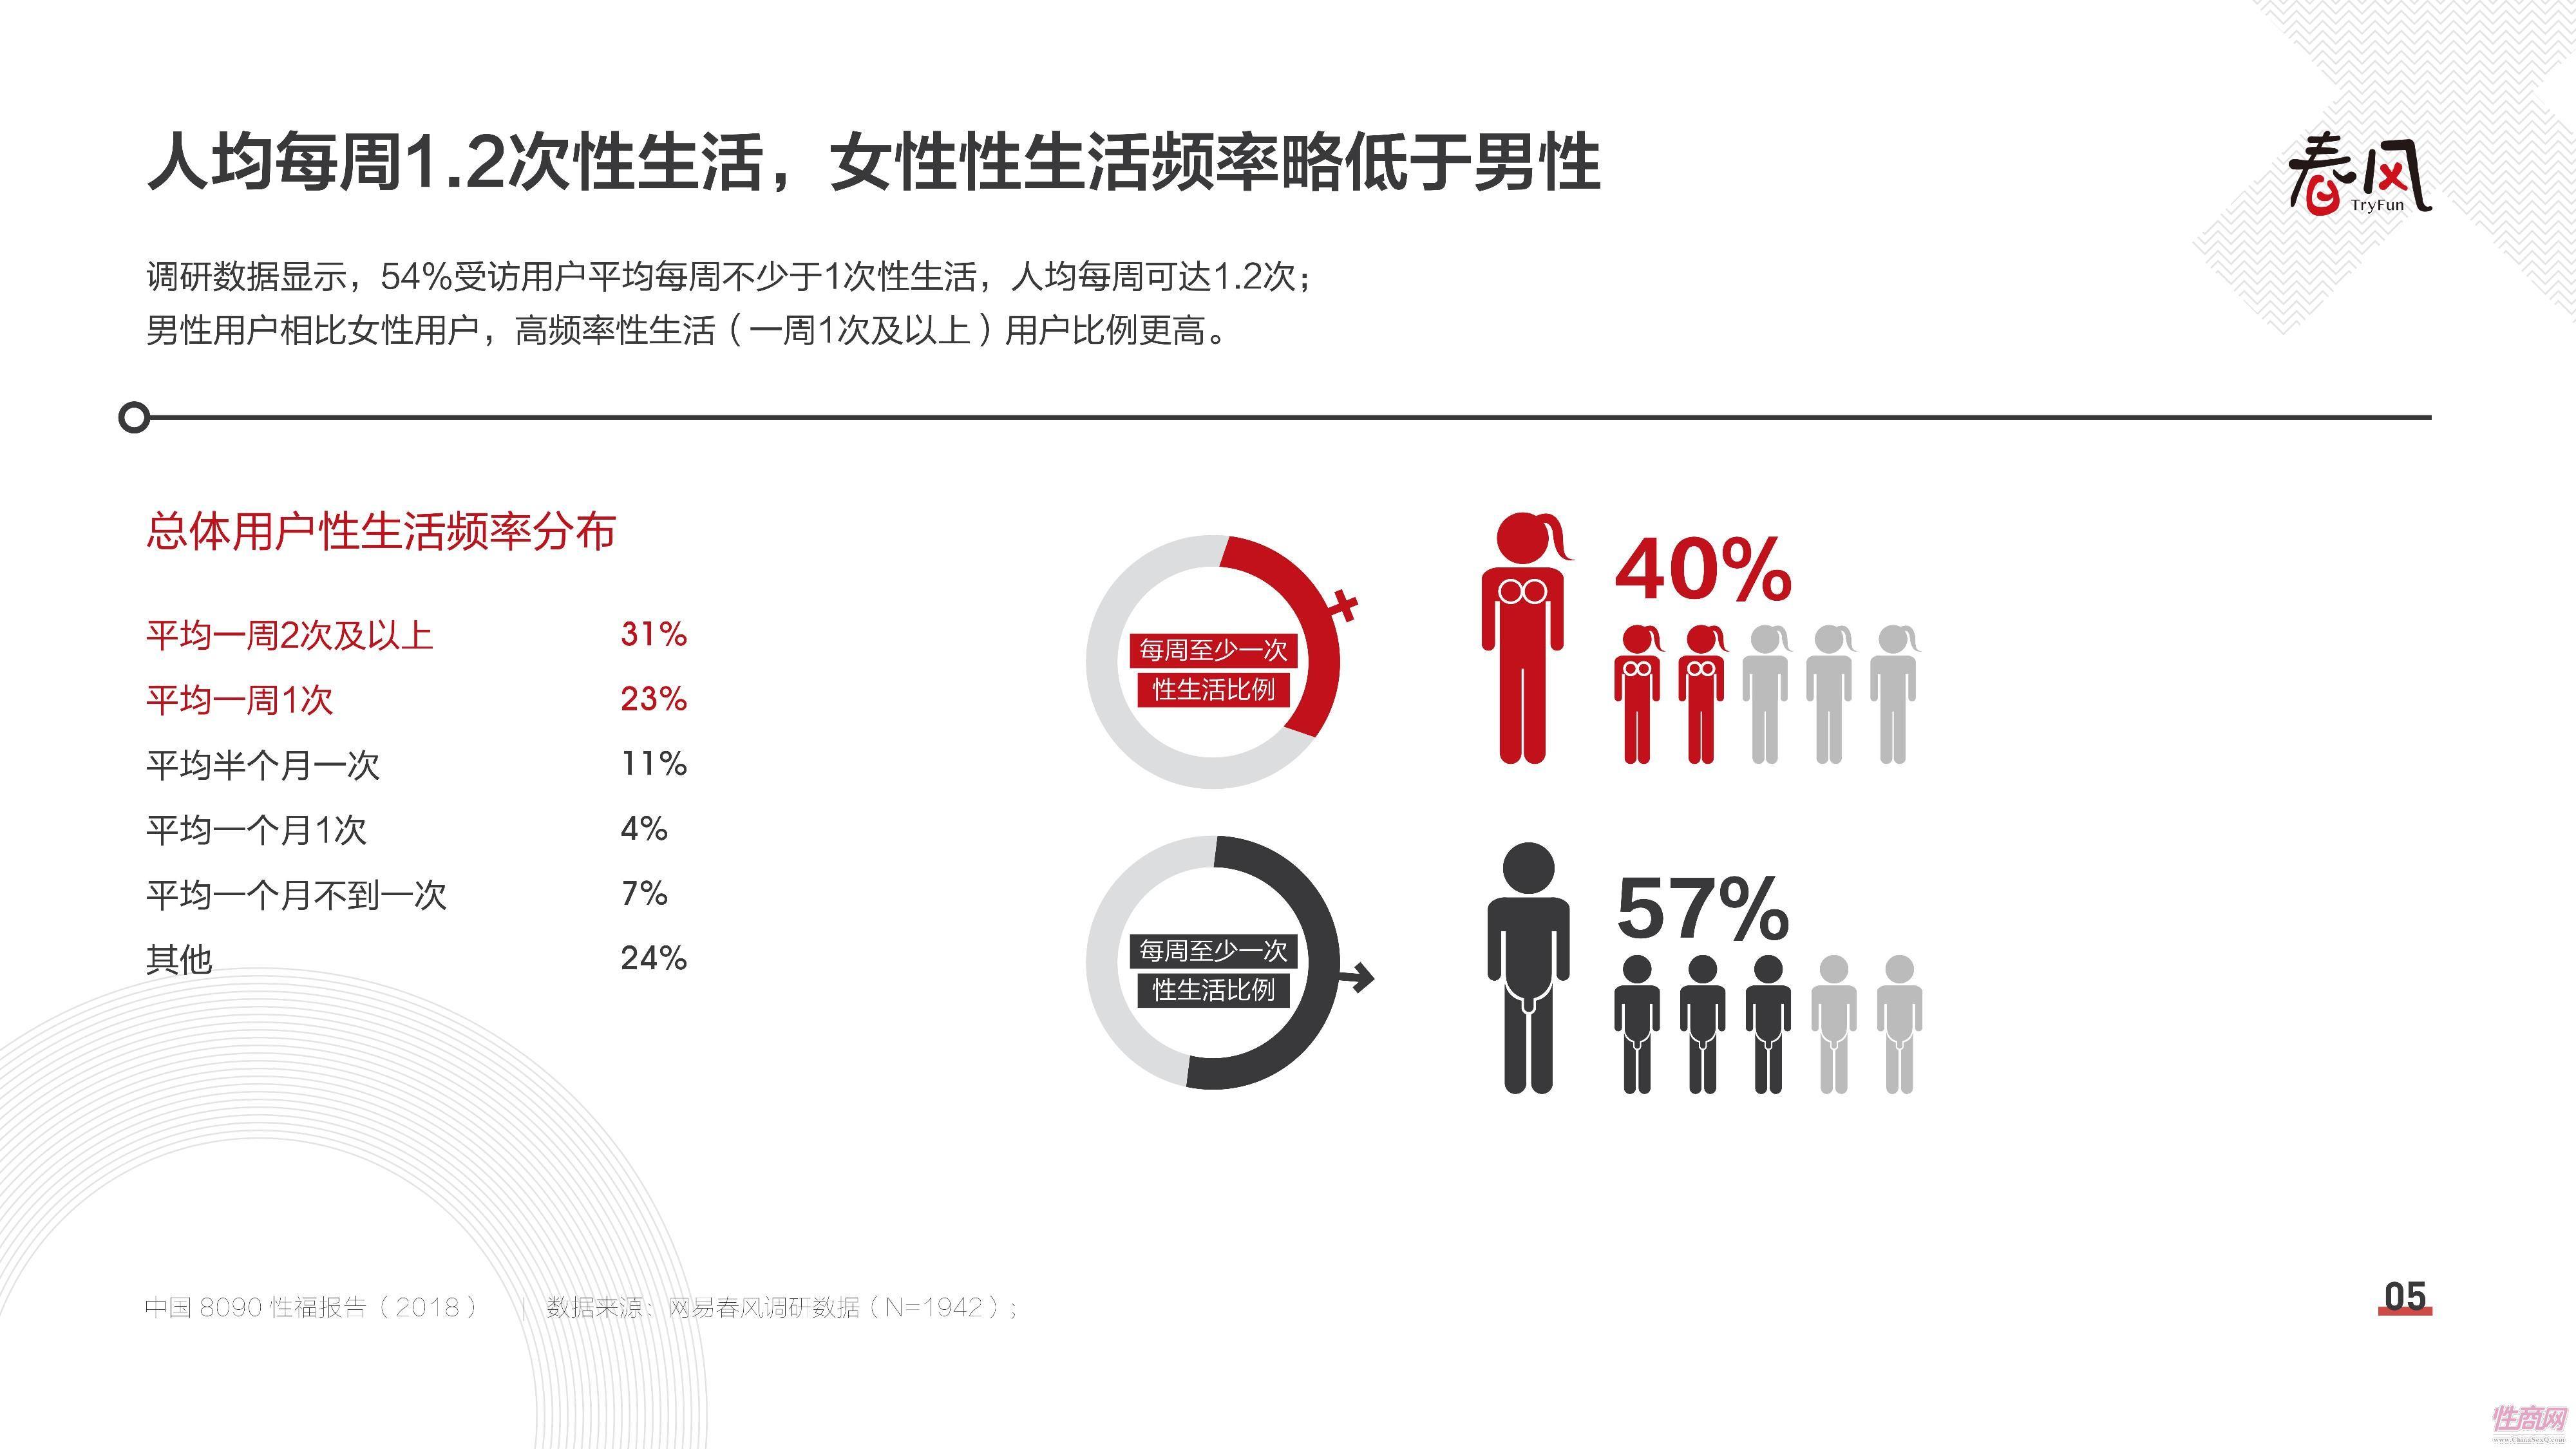 18中国8090性福报告 (4)